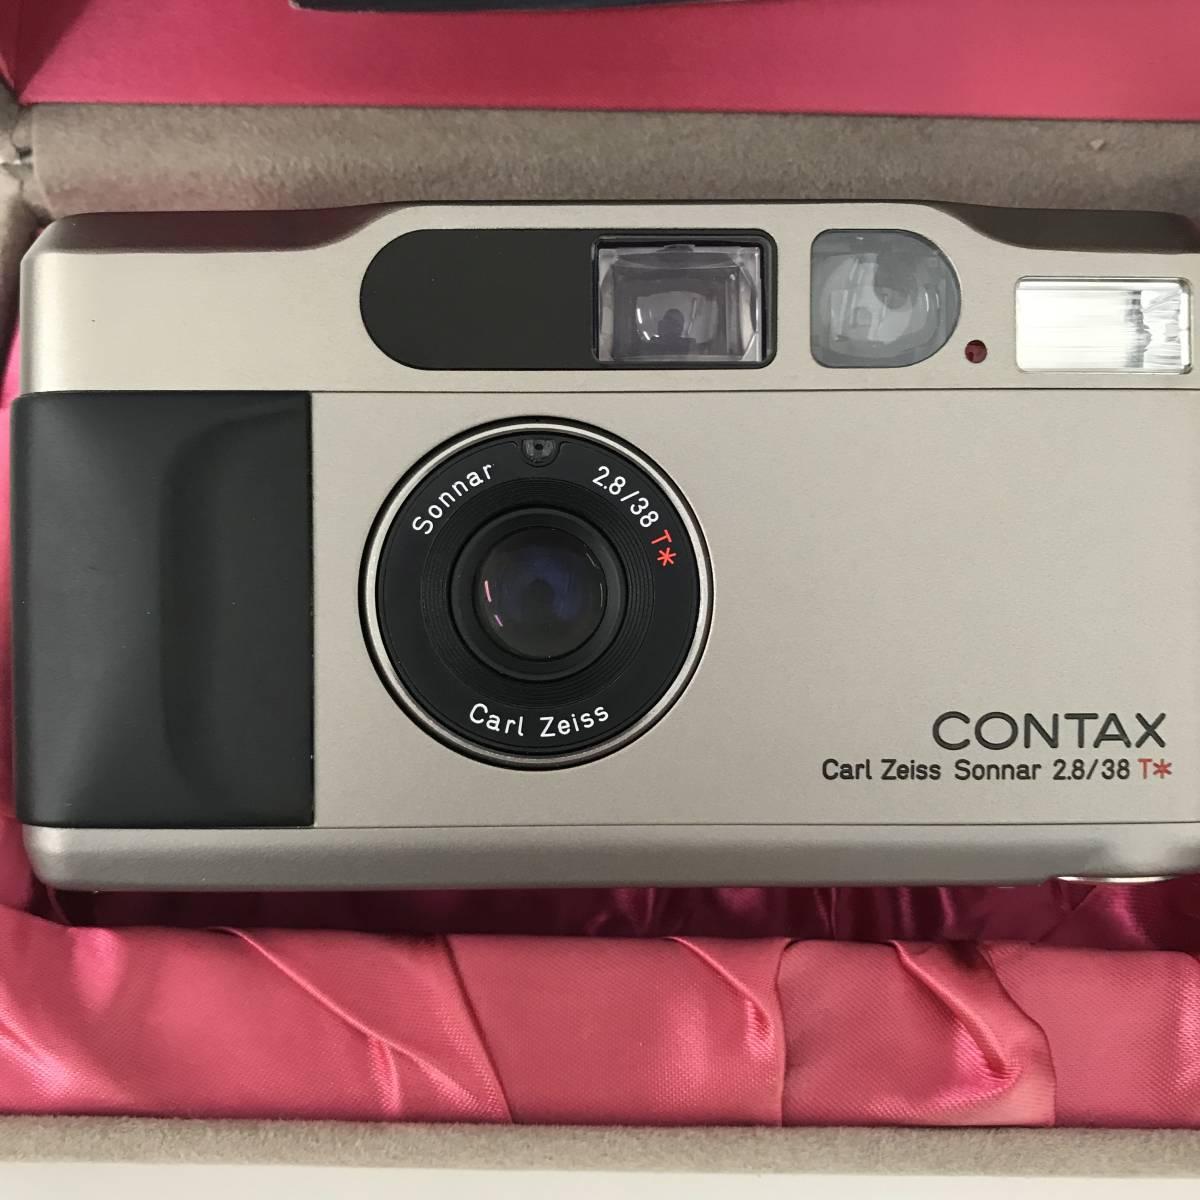 ★美品★ コンタックス CONTAX T2 Sonnar 38mm F2.8 T* コンパクトフィルムカメラ 取扱説明書 元箱 ケース ストラップ付_画像2